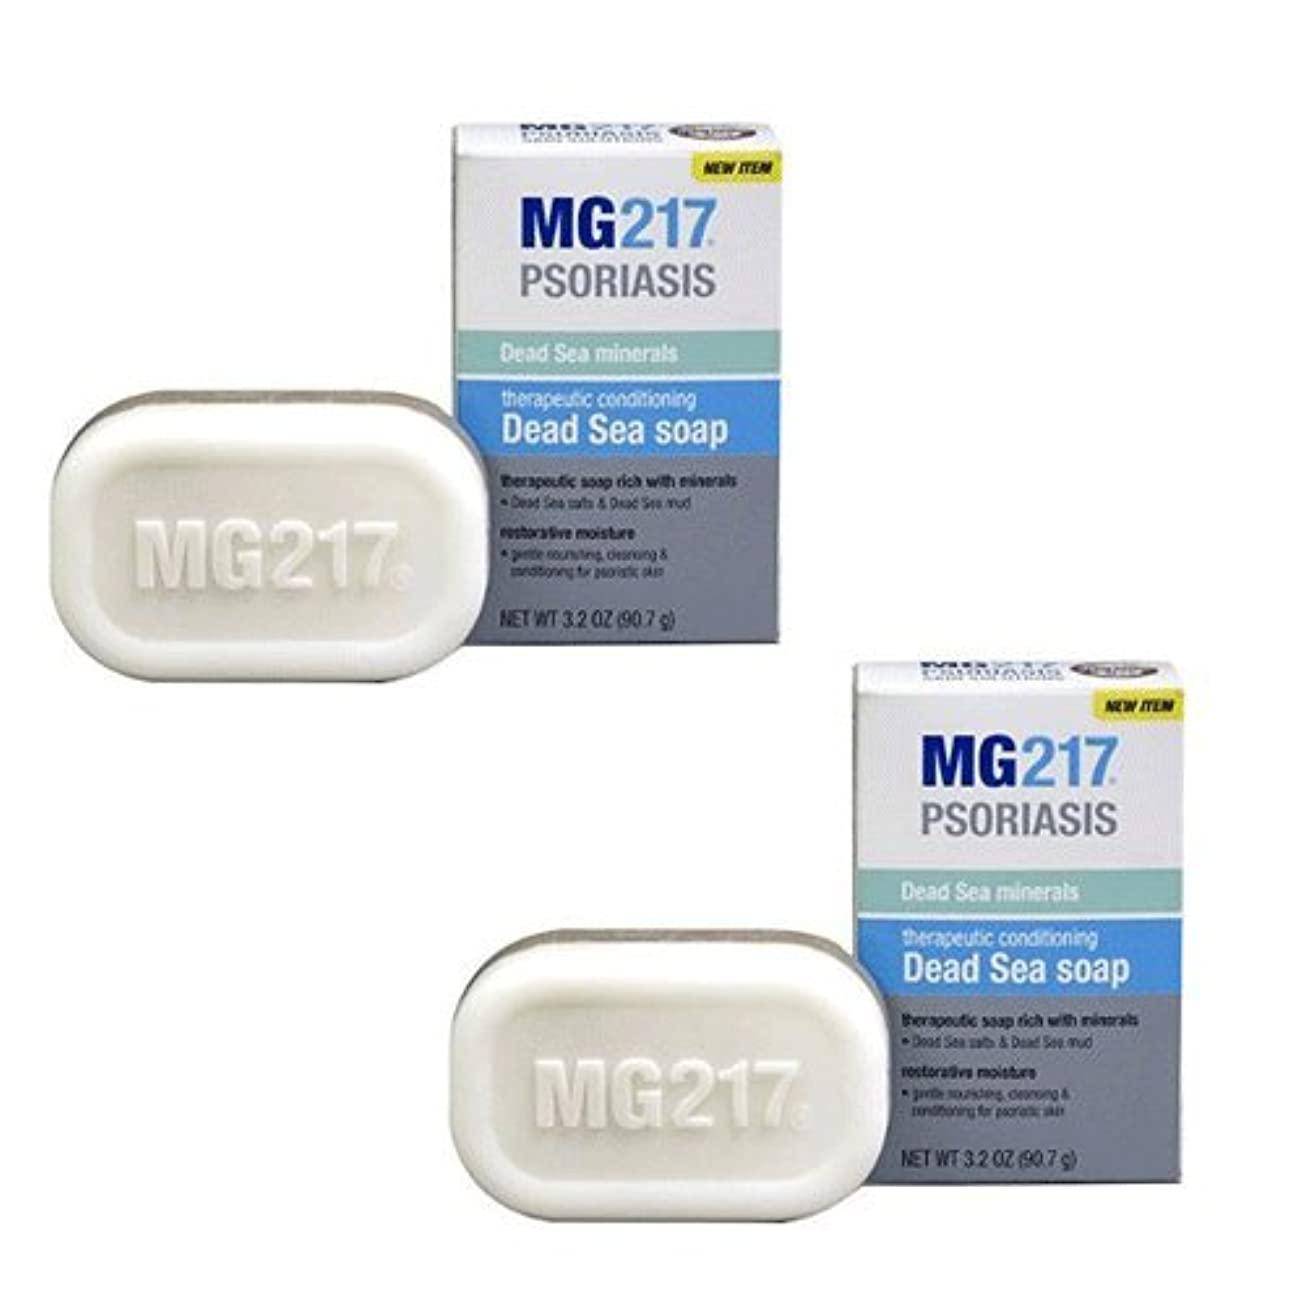 拡散する汚染直接2個セット 死海の泥とミネラルたっぷり MG217ソープ 90g MG217 Psoriasis Therapeutic Conditioning Dead Sea Bar Soap